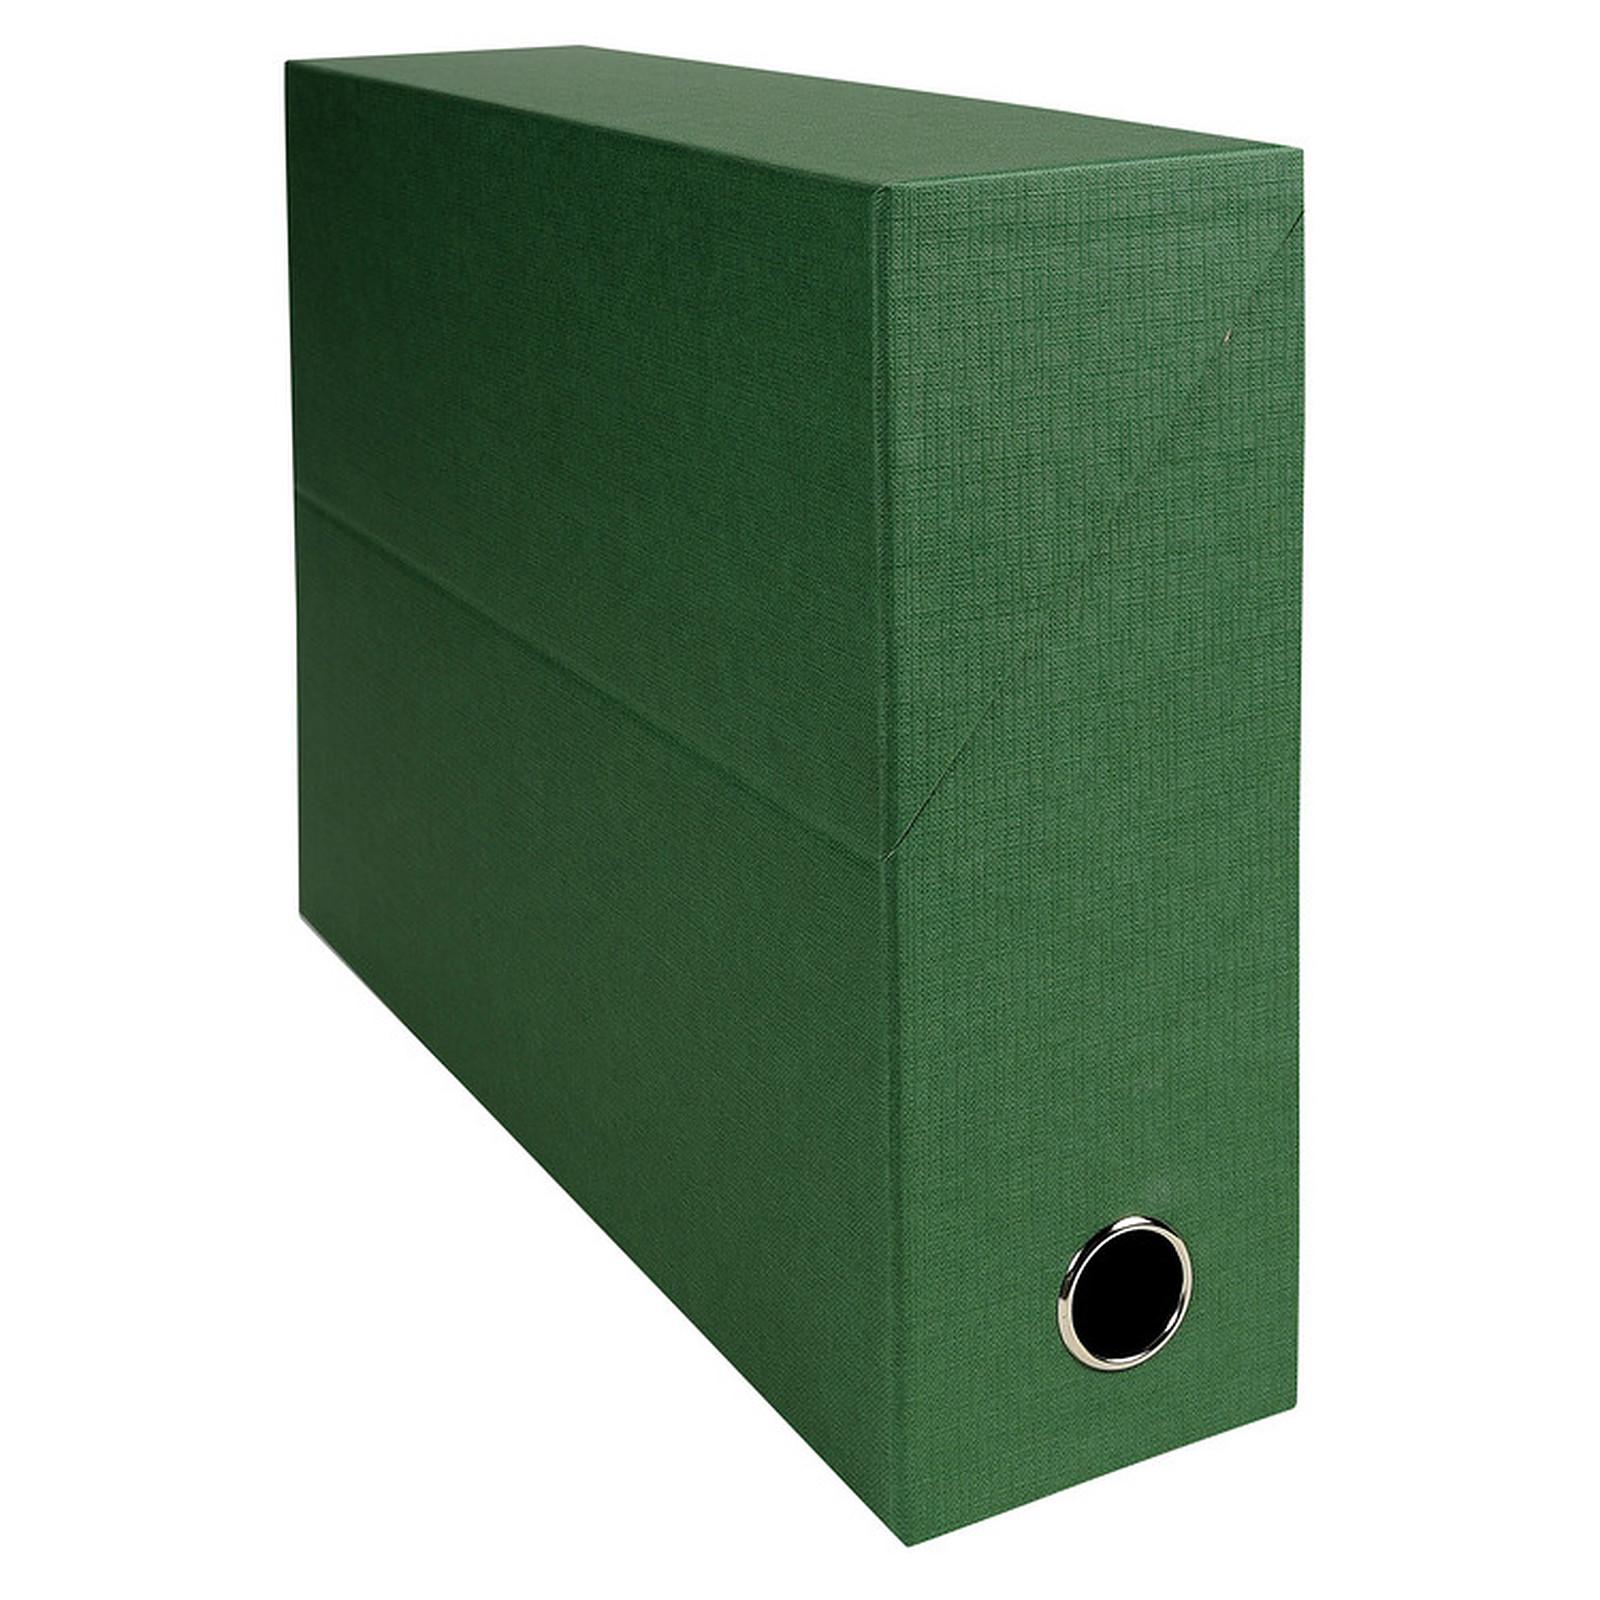 Exacompta Boite de transfert en papier toilé dos 90 mm Vert